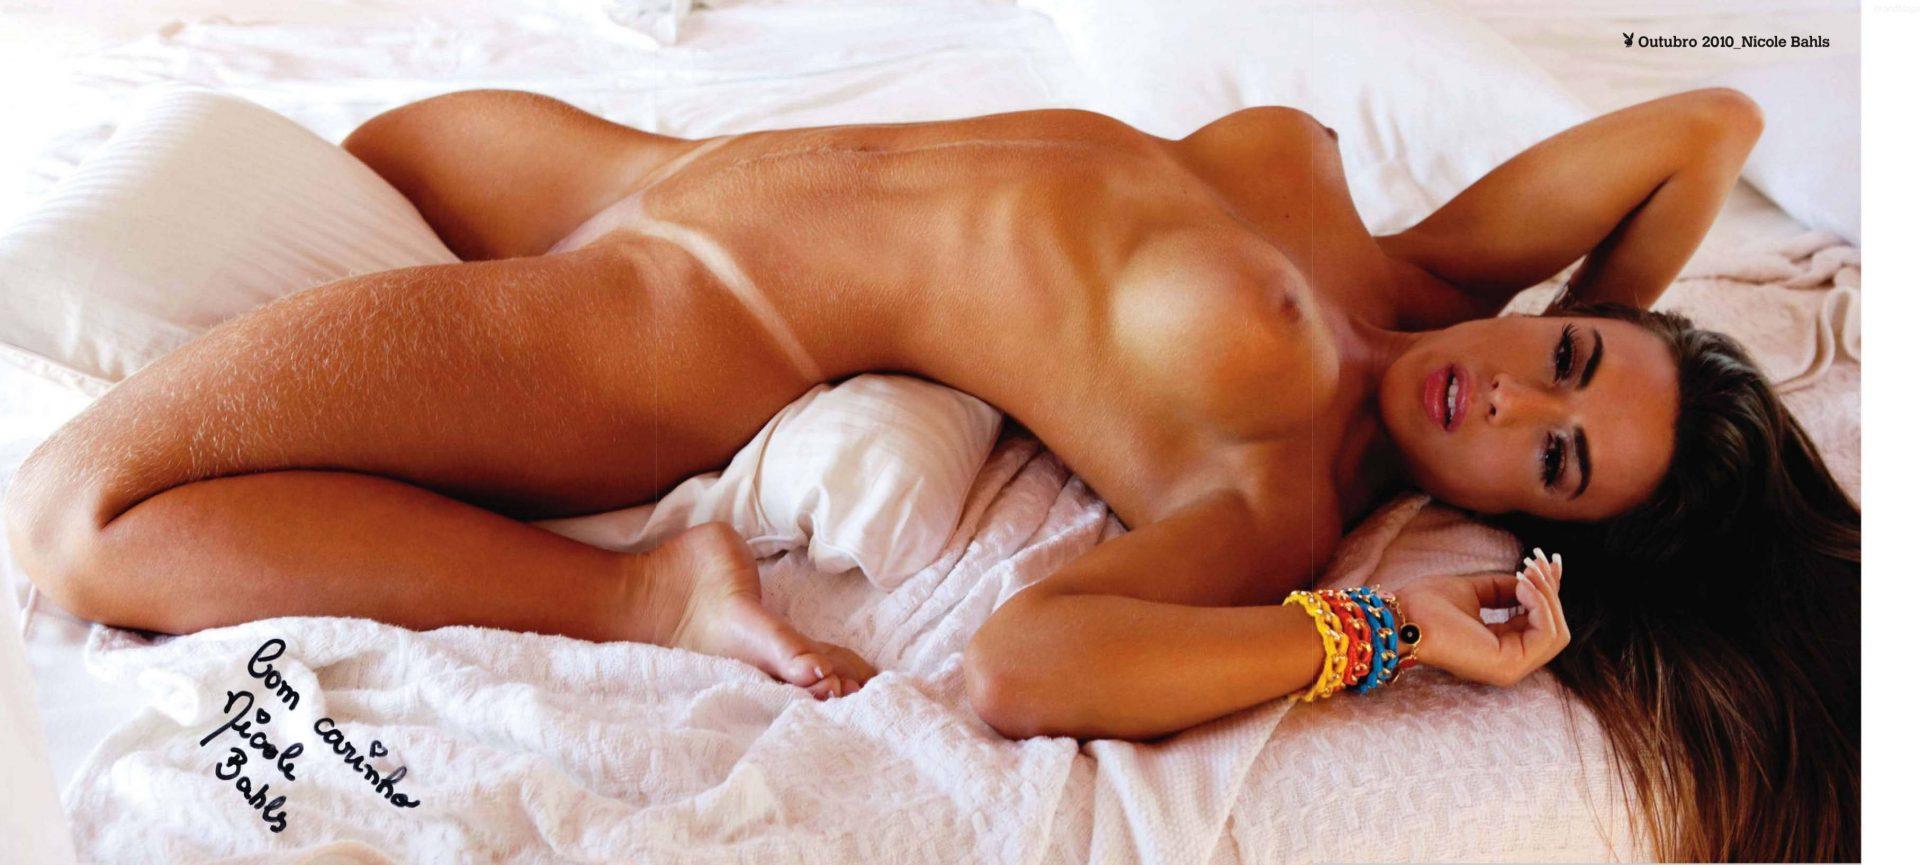 Nicole Bahls 71